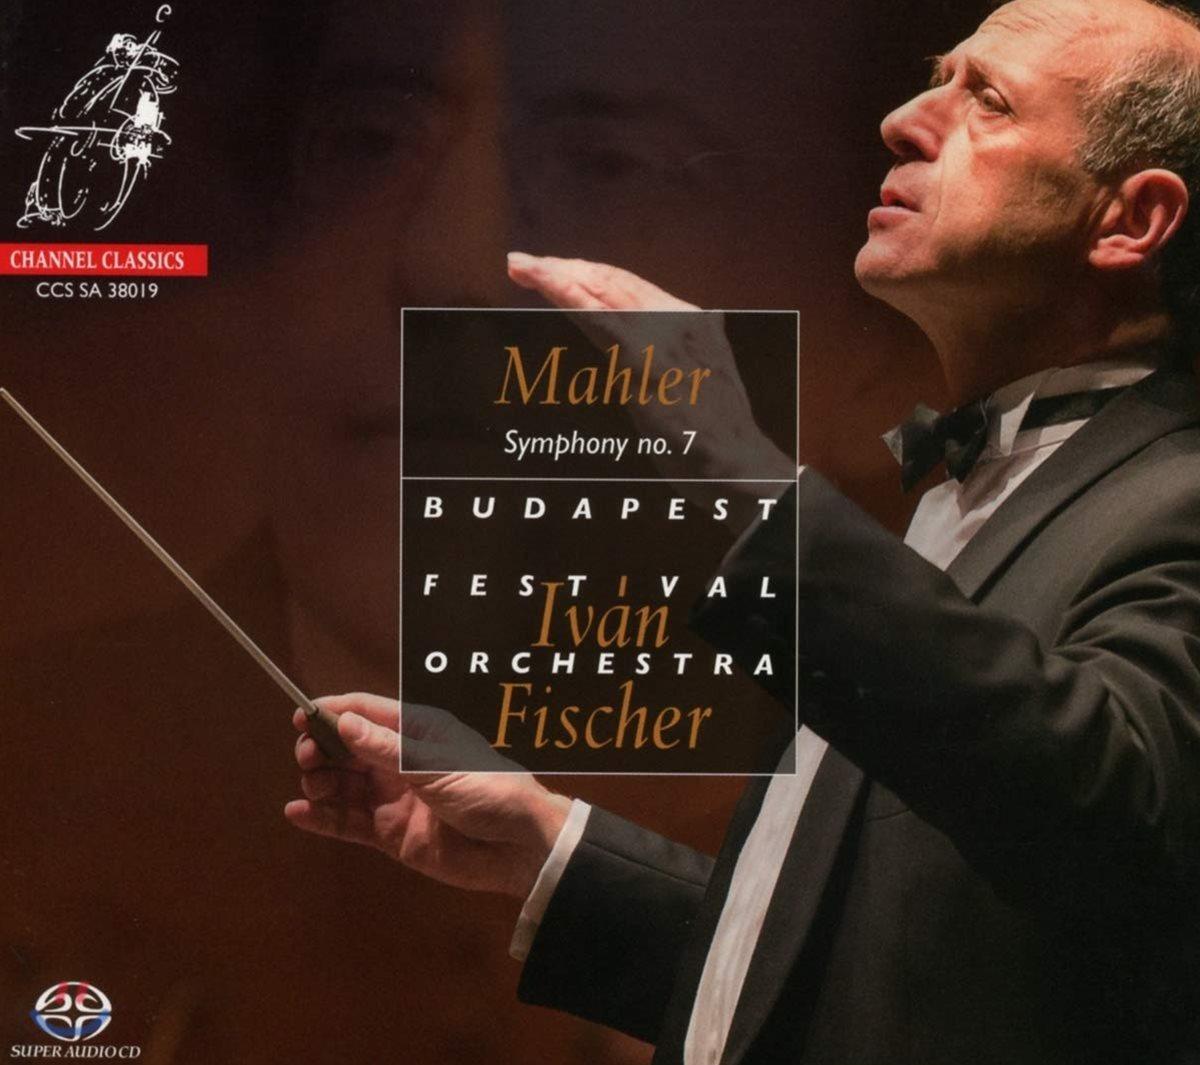 Ivan Fischer 말러: 교향곡 7번 - 이반 피셔 (Mahler: Symphony No. 7)